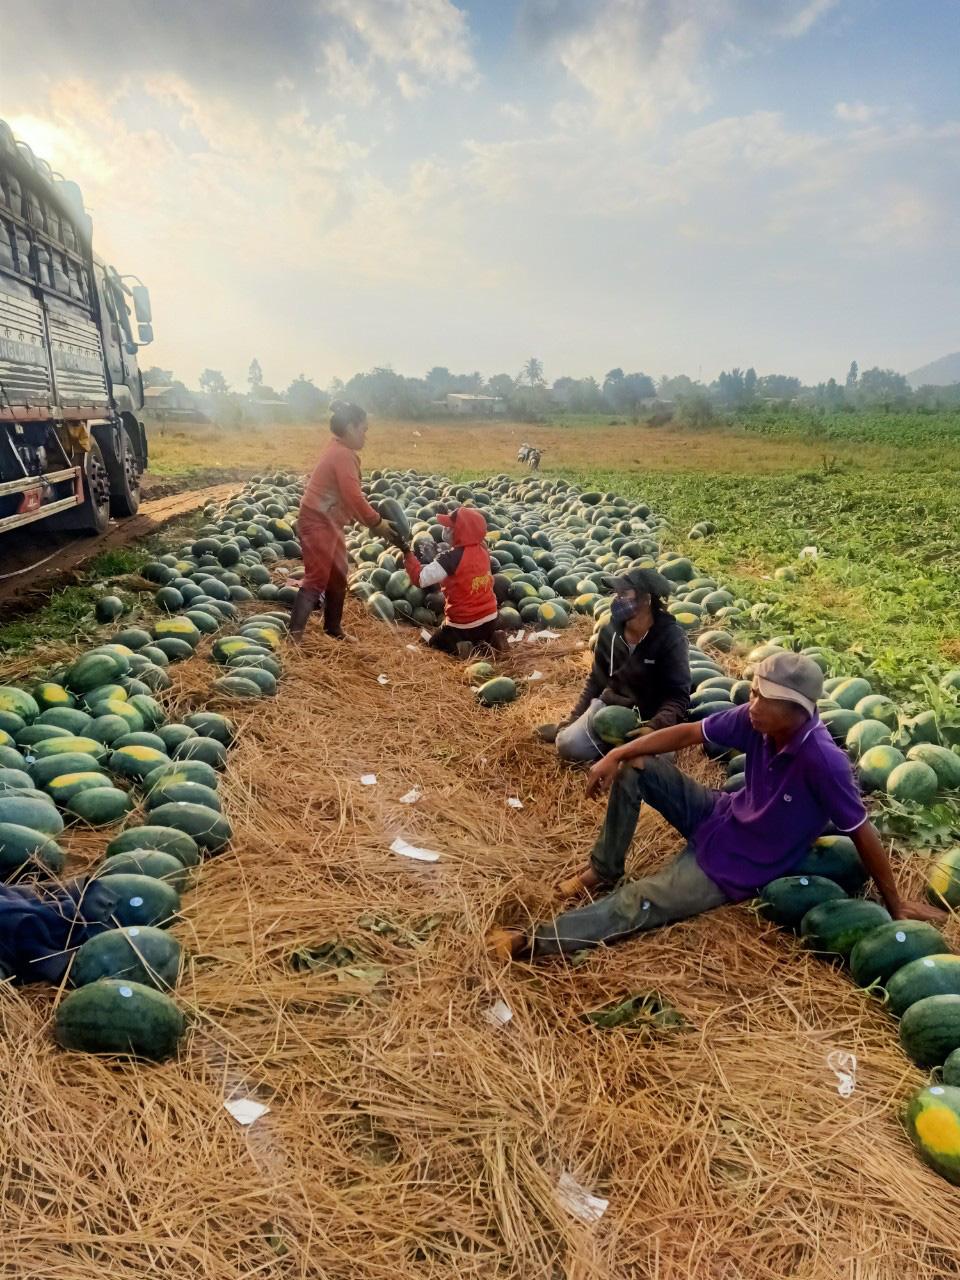 Nông dân vùng dịch Covid-19 phấn khởi vì dưa hấu tăng giá trở lại  - Ảnh 2.